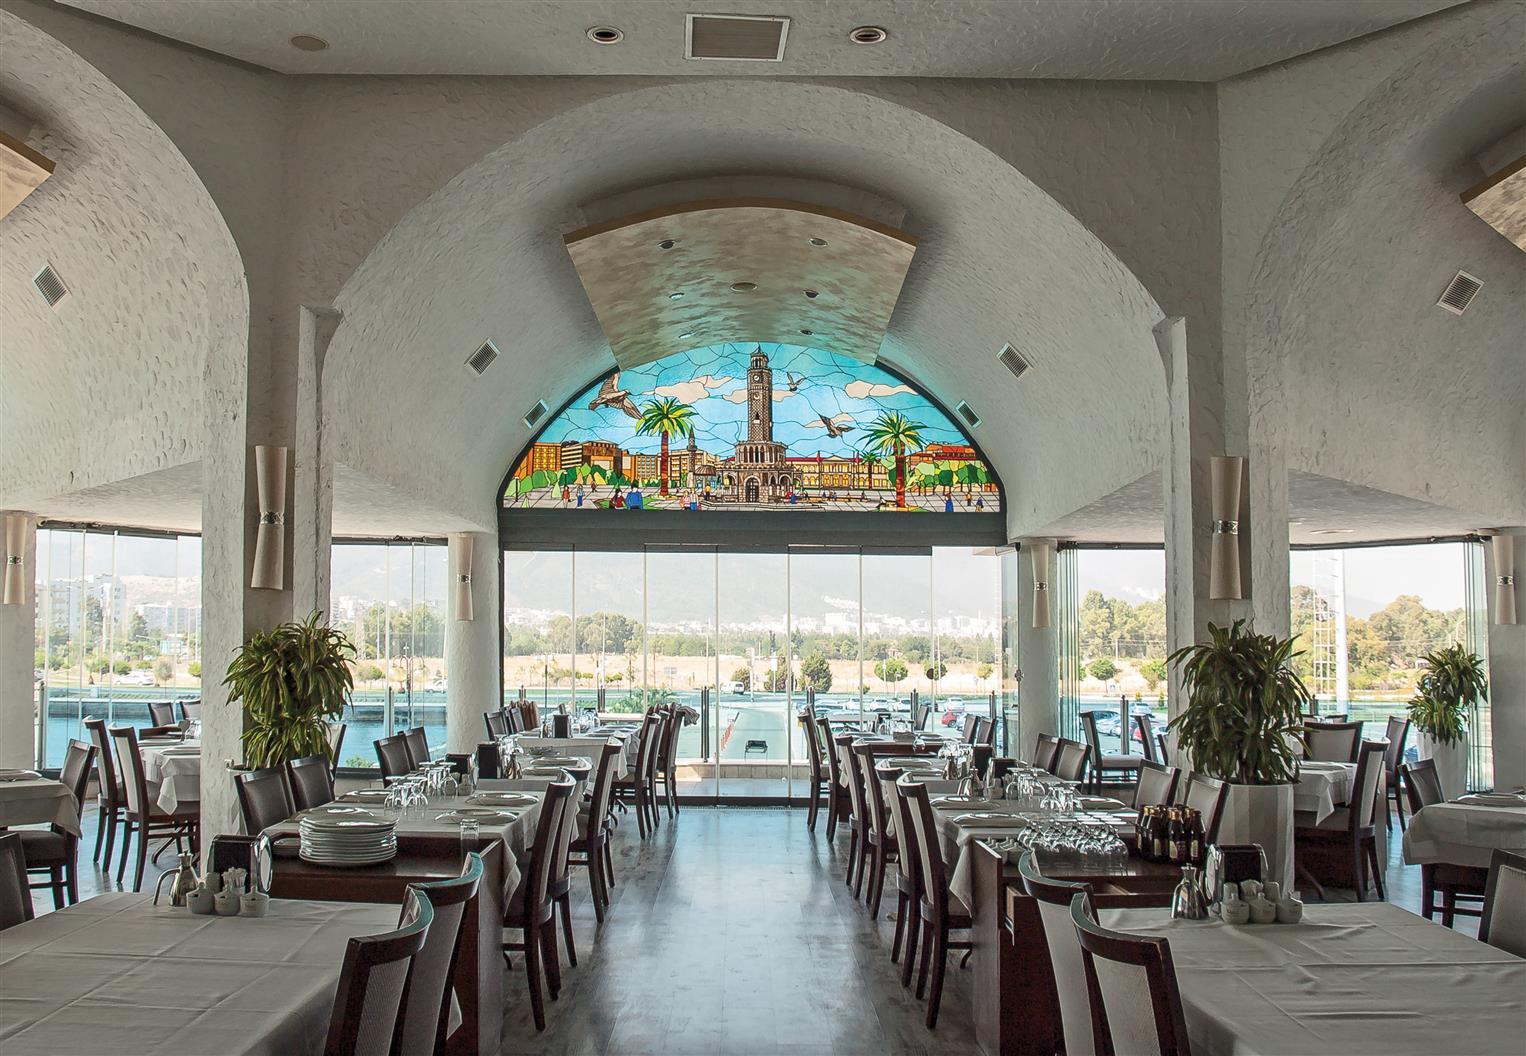 bogazici-restaurant-uckuyular2017122220563937.jpg izmir vitray çalışması